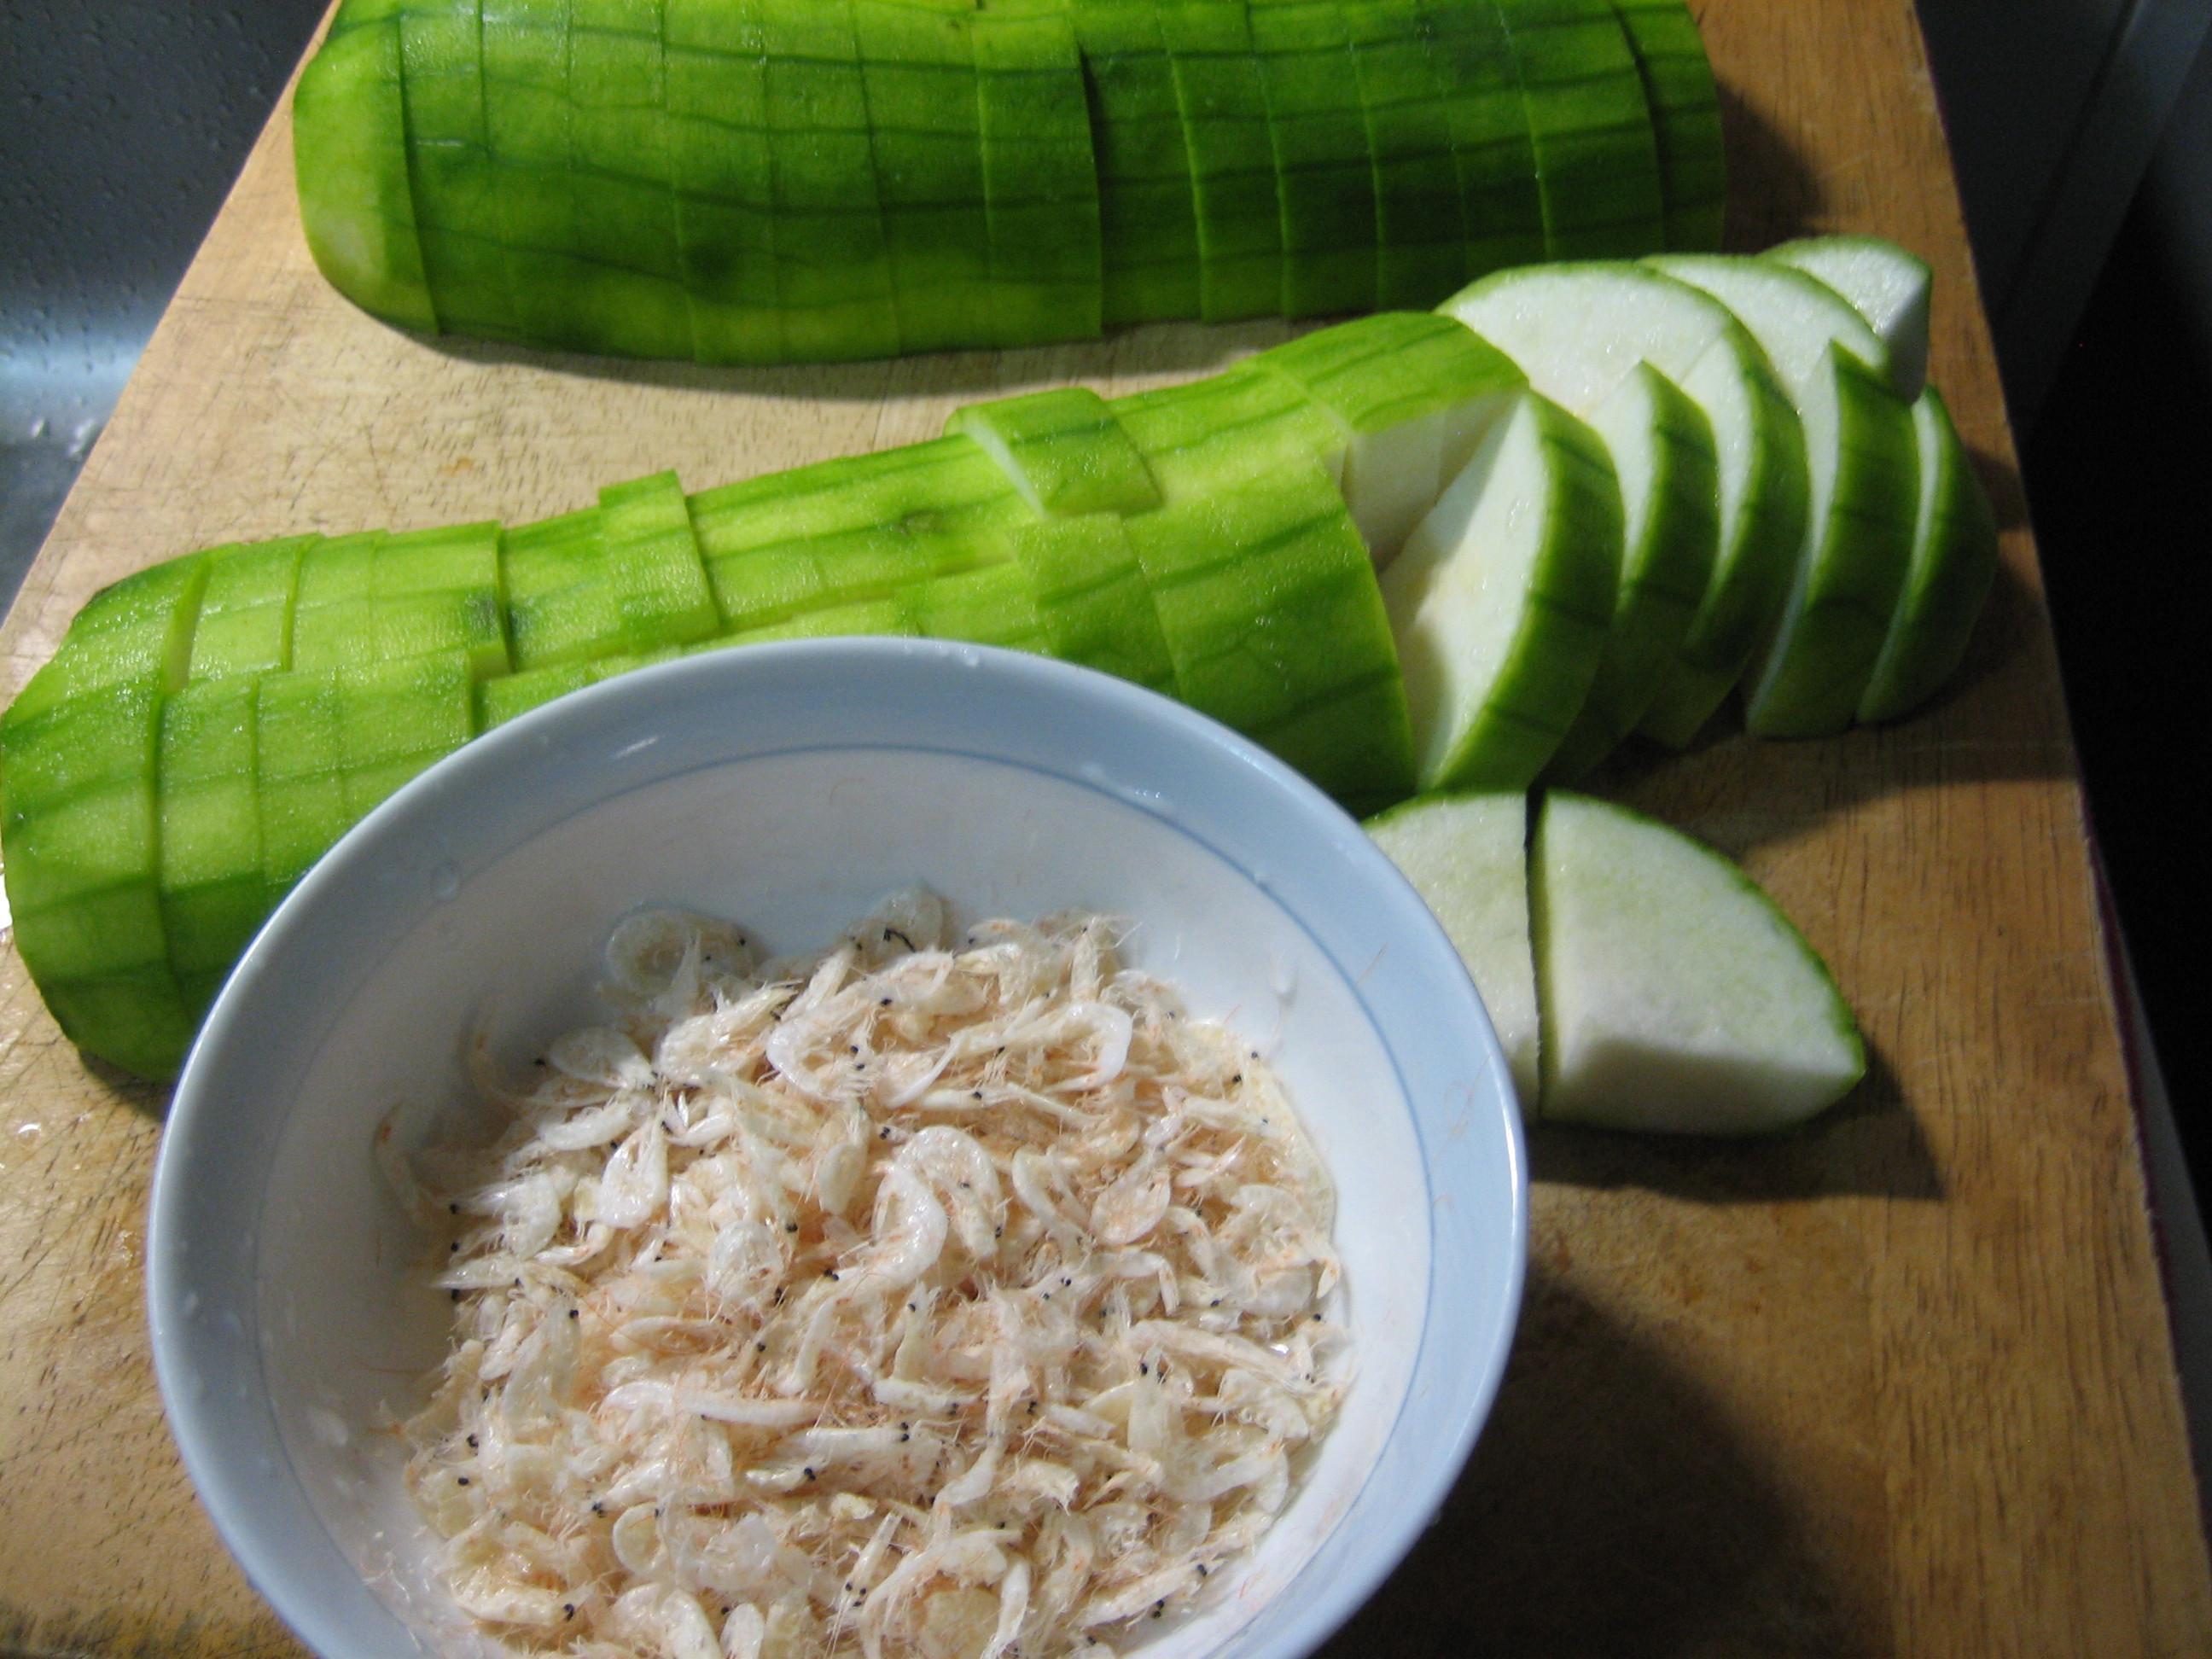 絲瓜 炒絲瓜 蝦皮(白蝦米)炒絲瓜